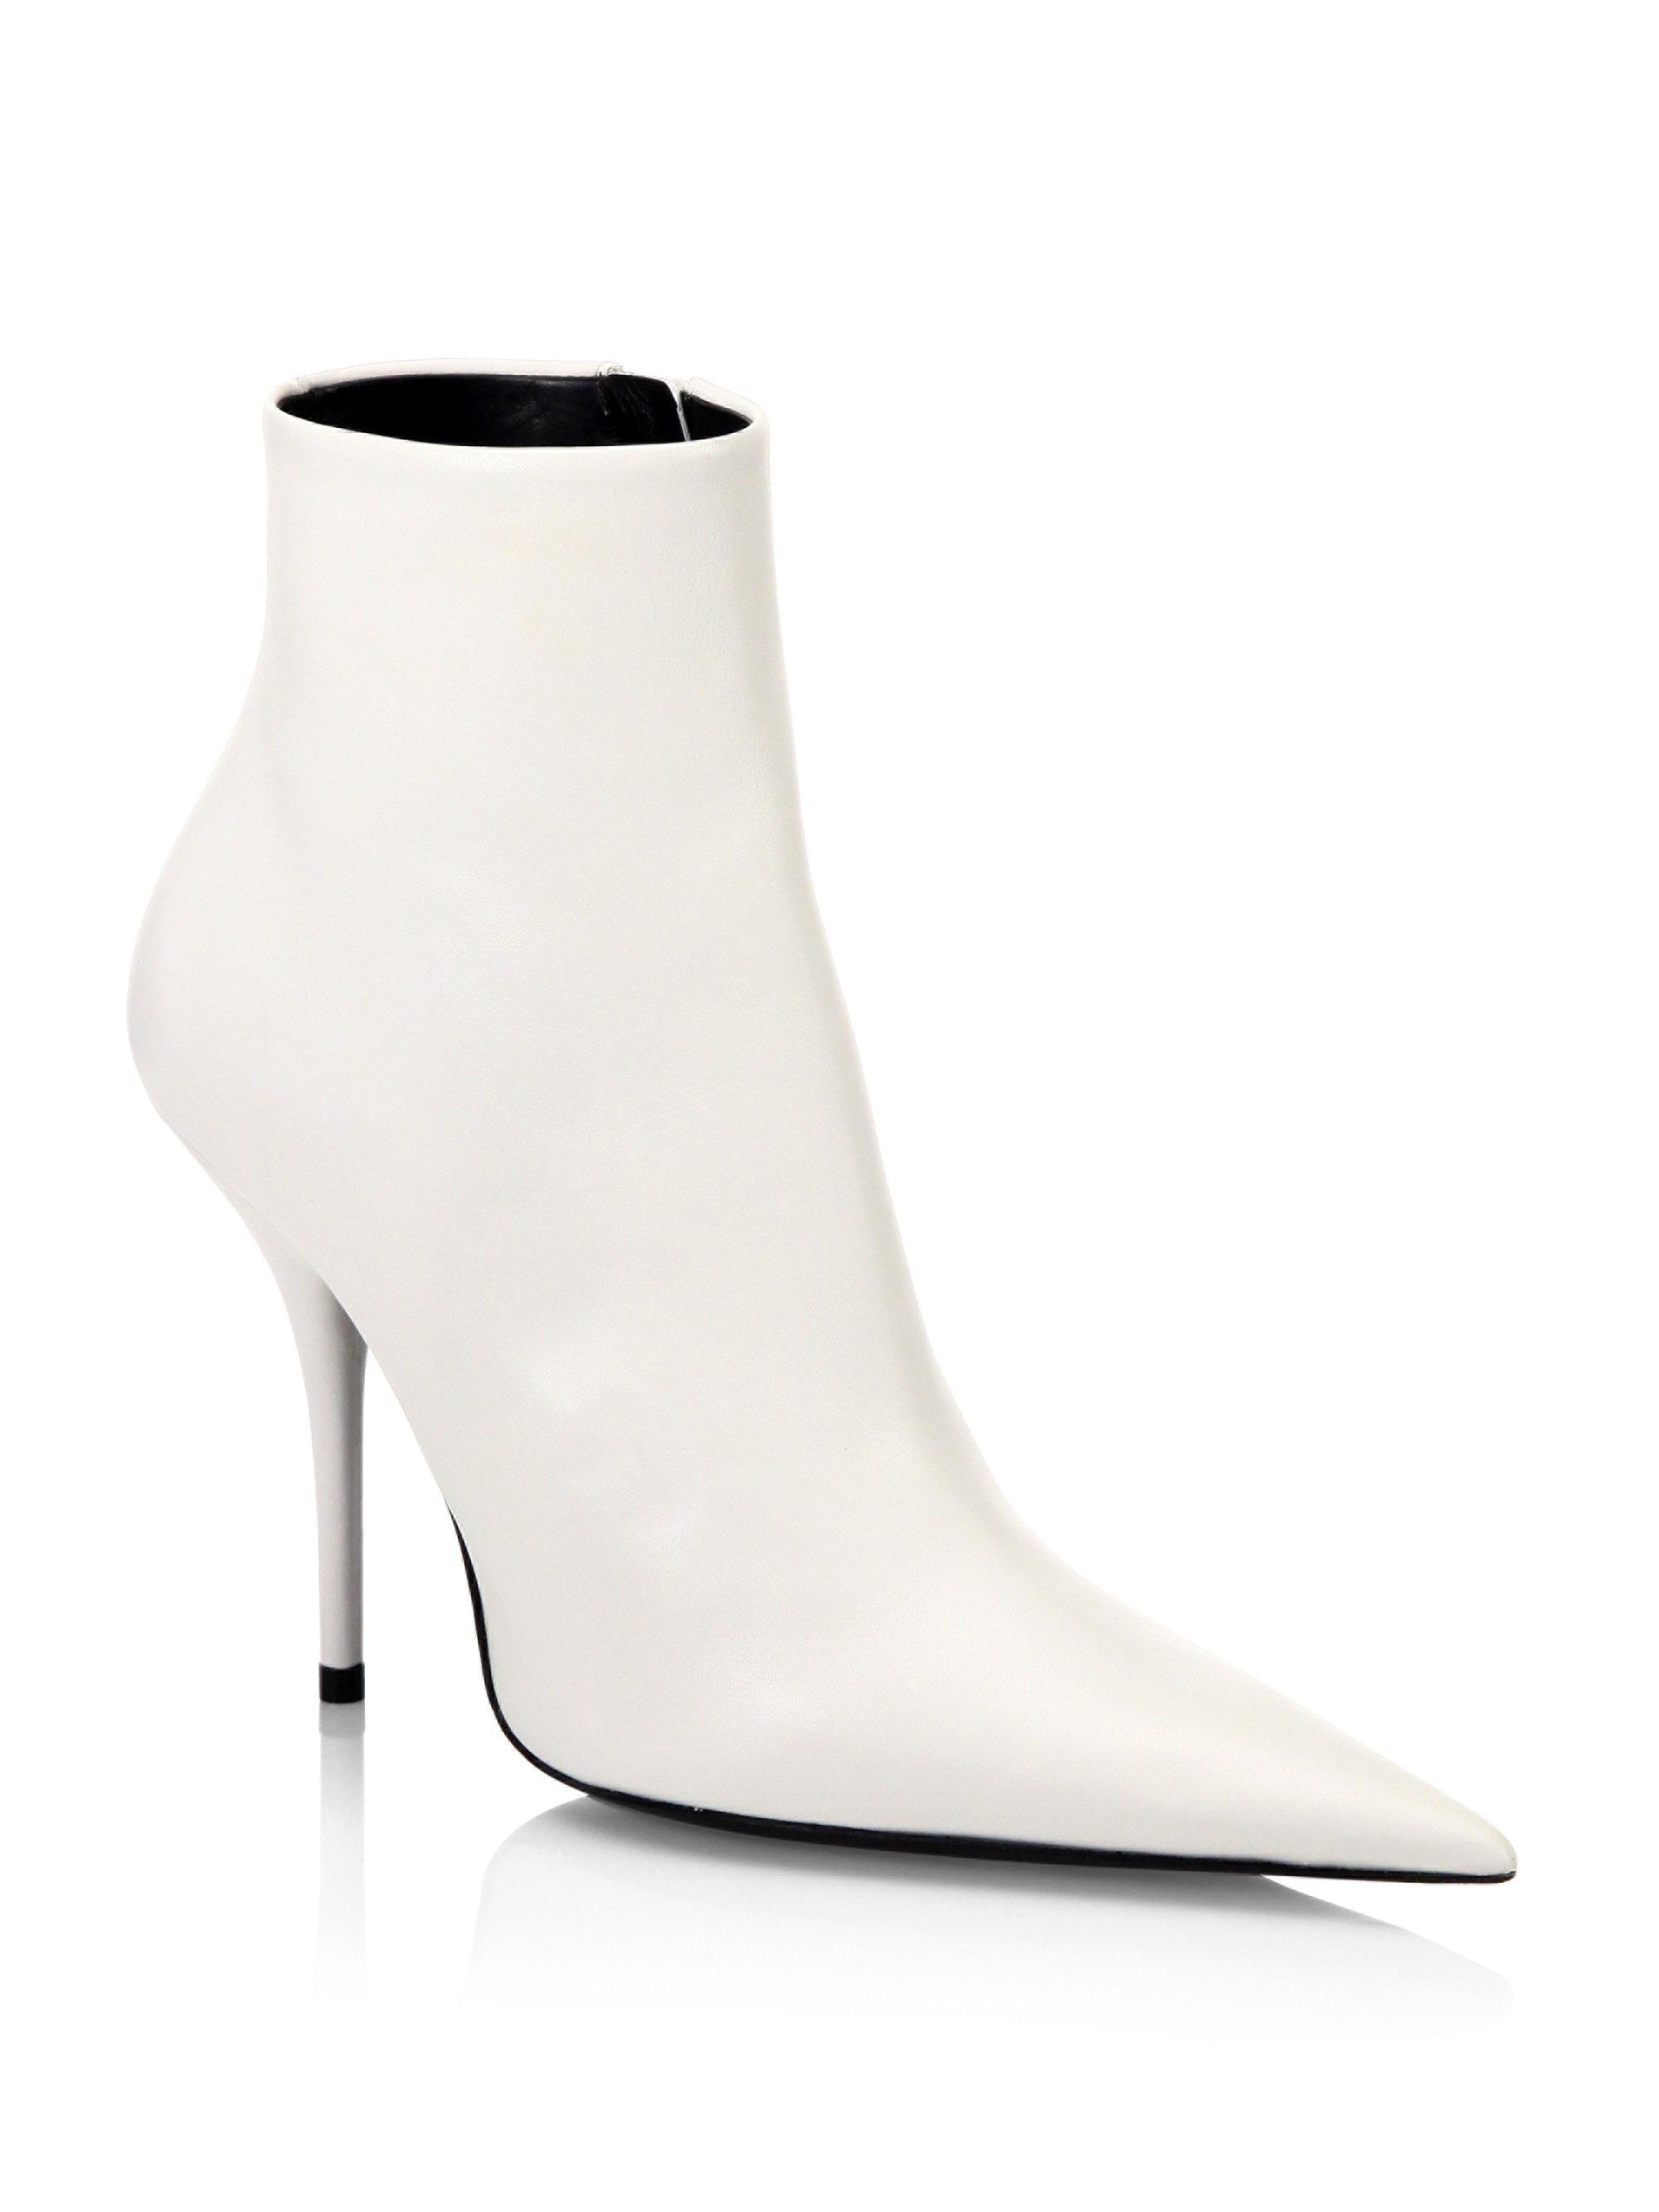 20aec3433c26 Lyst - Balenciaga Leather Stiletto Booties in White